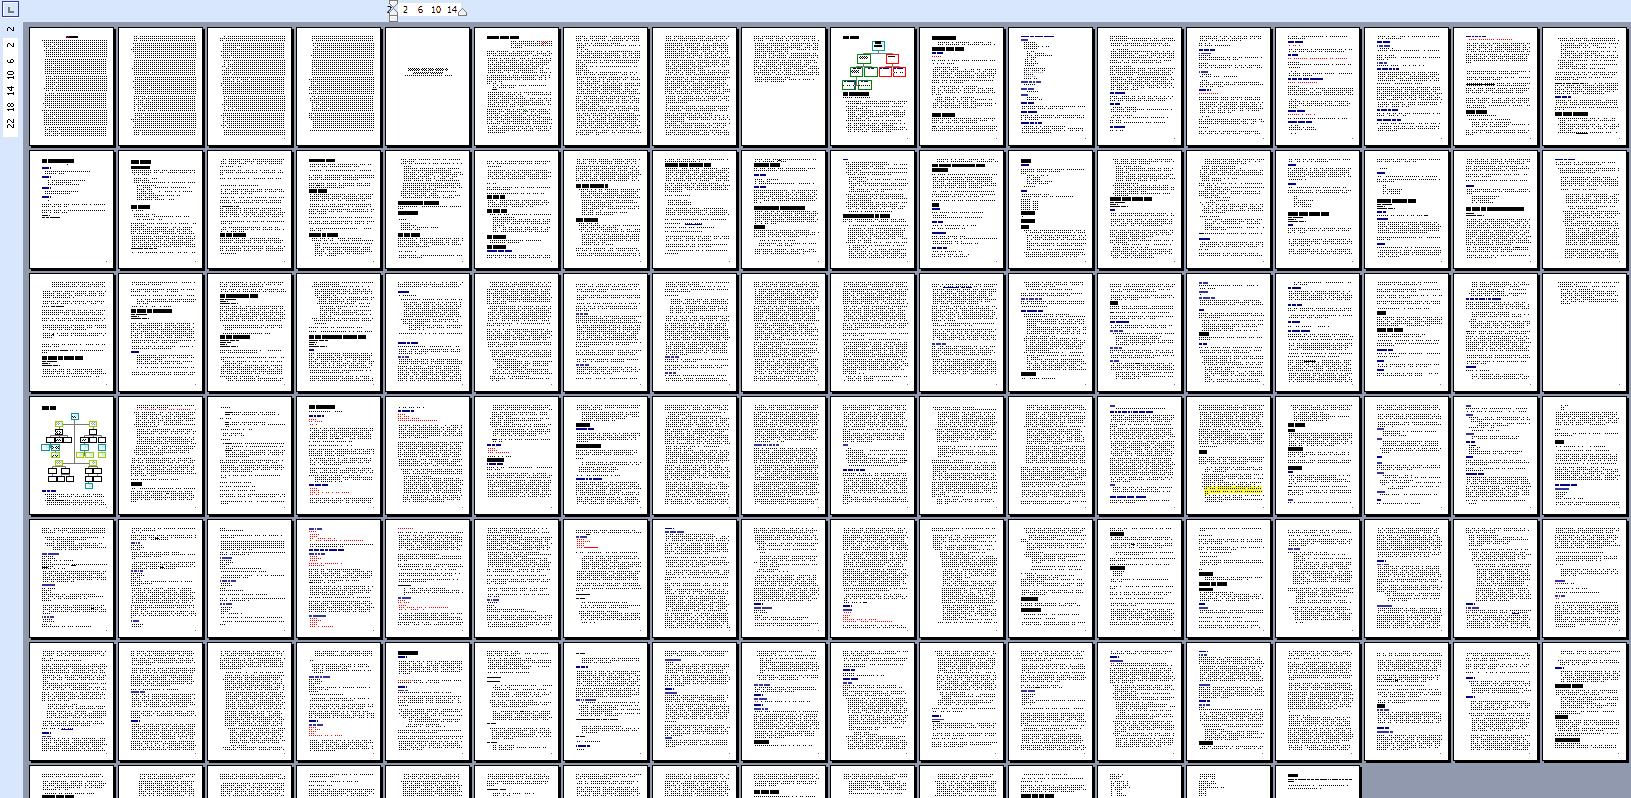 game-design-doc-11dec2019